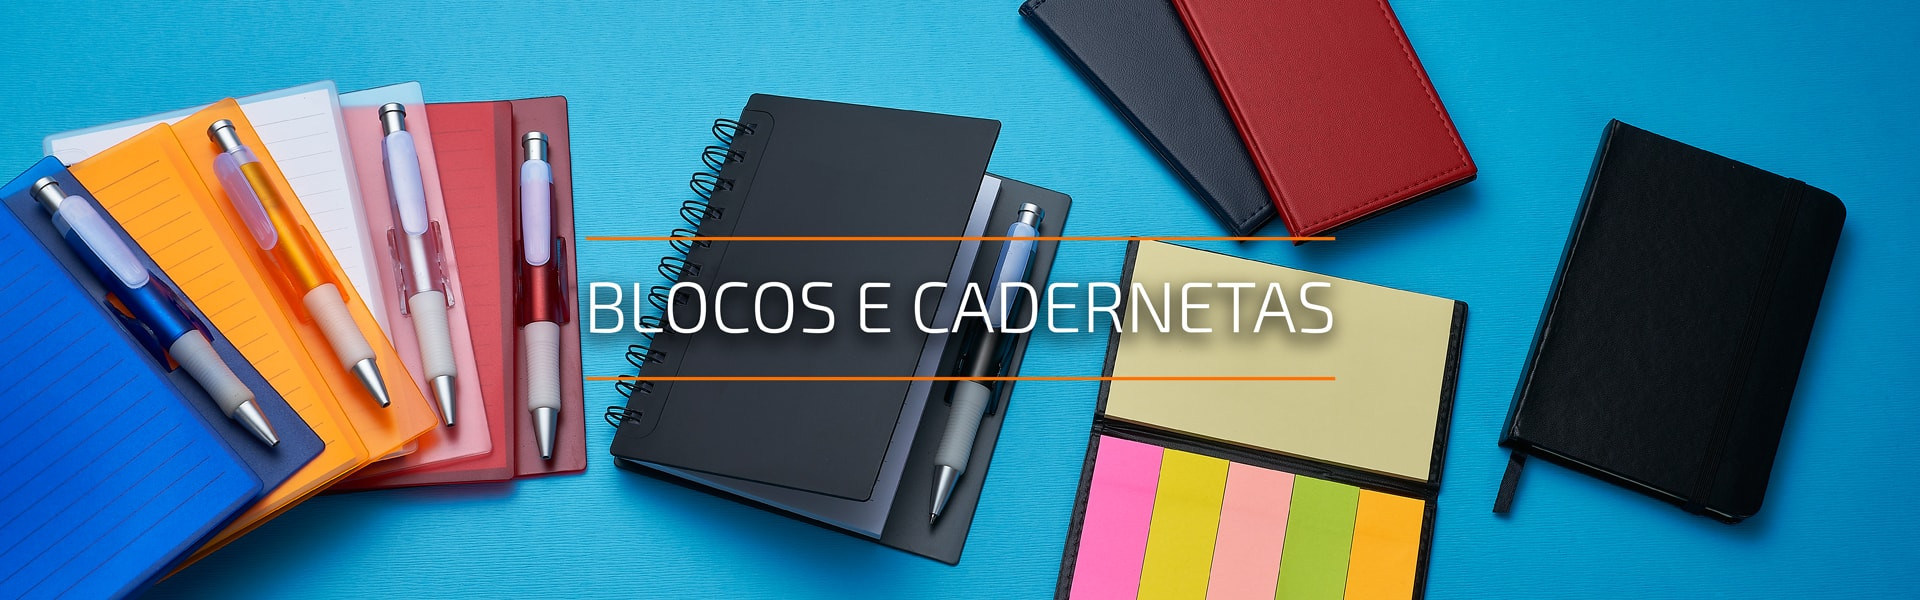 banner_BLOCOS_CADERNETAS-min.jpg